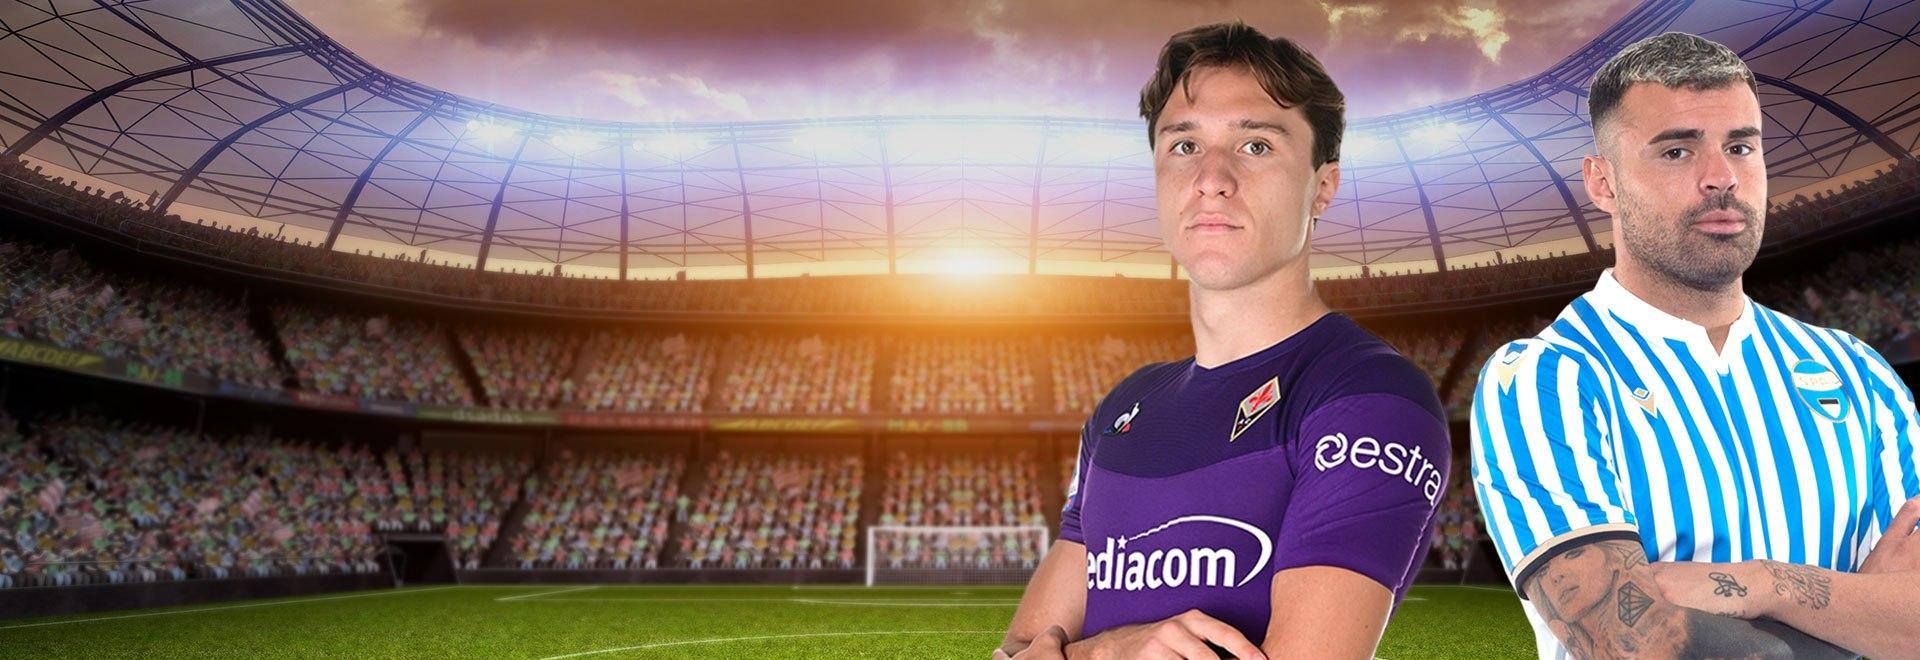 Fiorentina - Spal